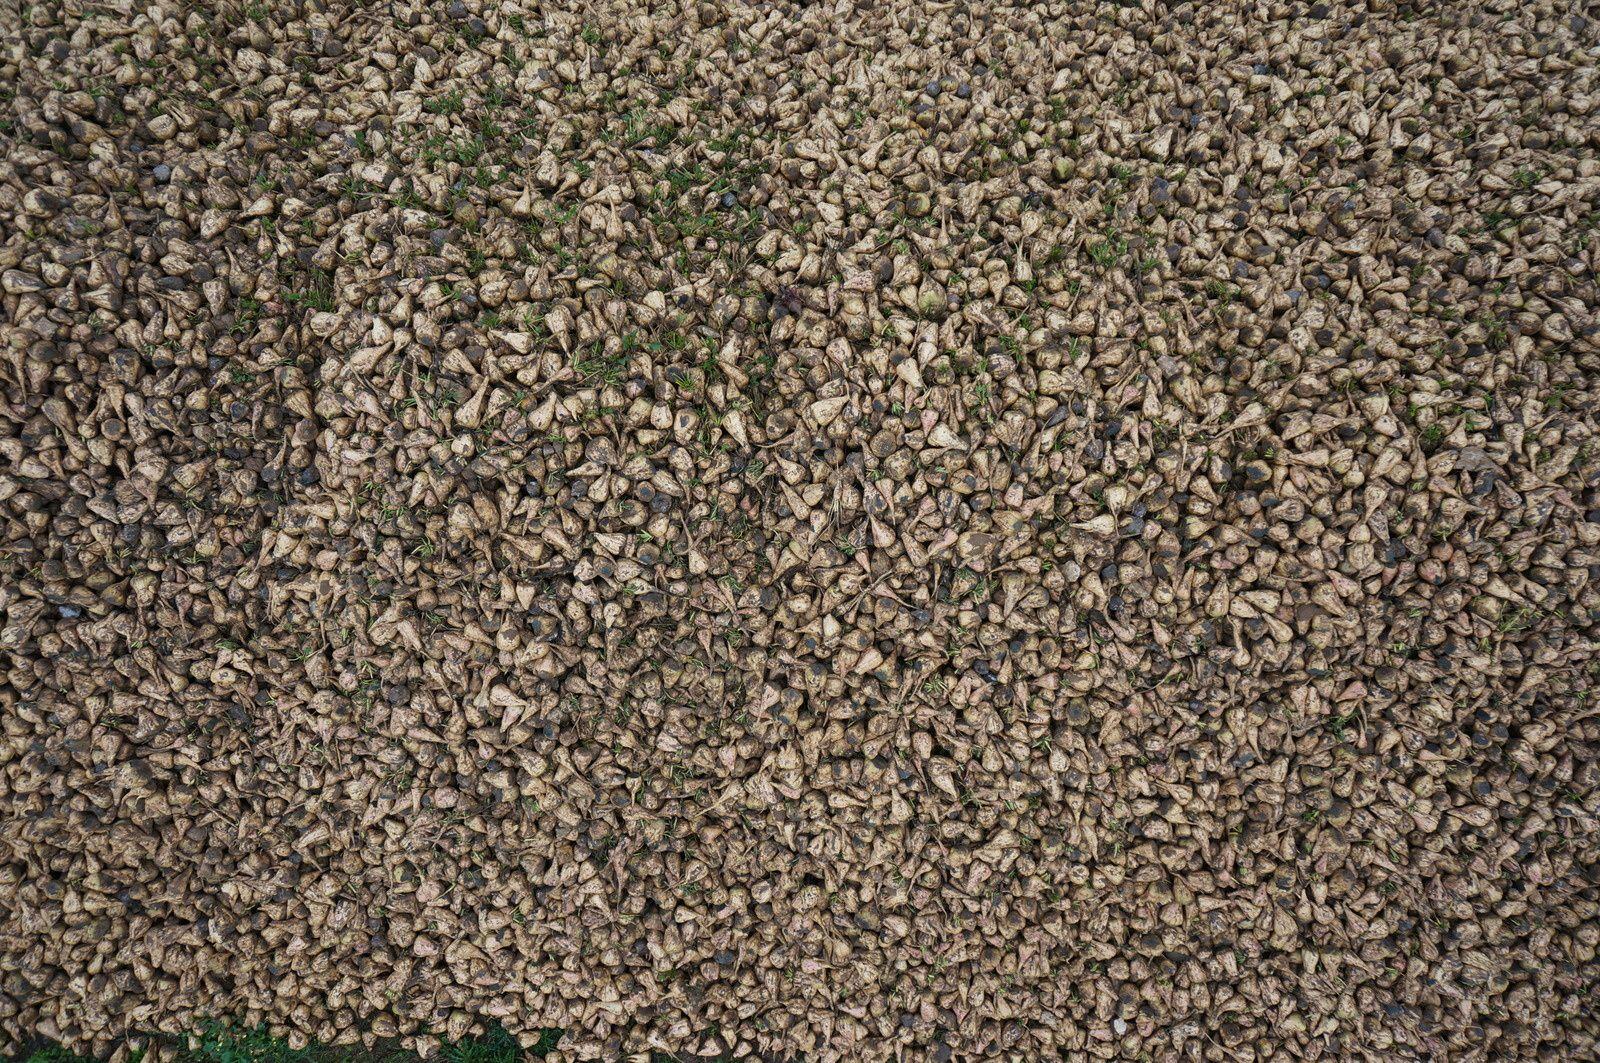 Un tas de betteraves en vue verticale, altitude 10m. Photo aérienne François Monier 8 novembre 2013